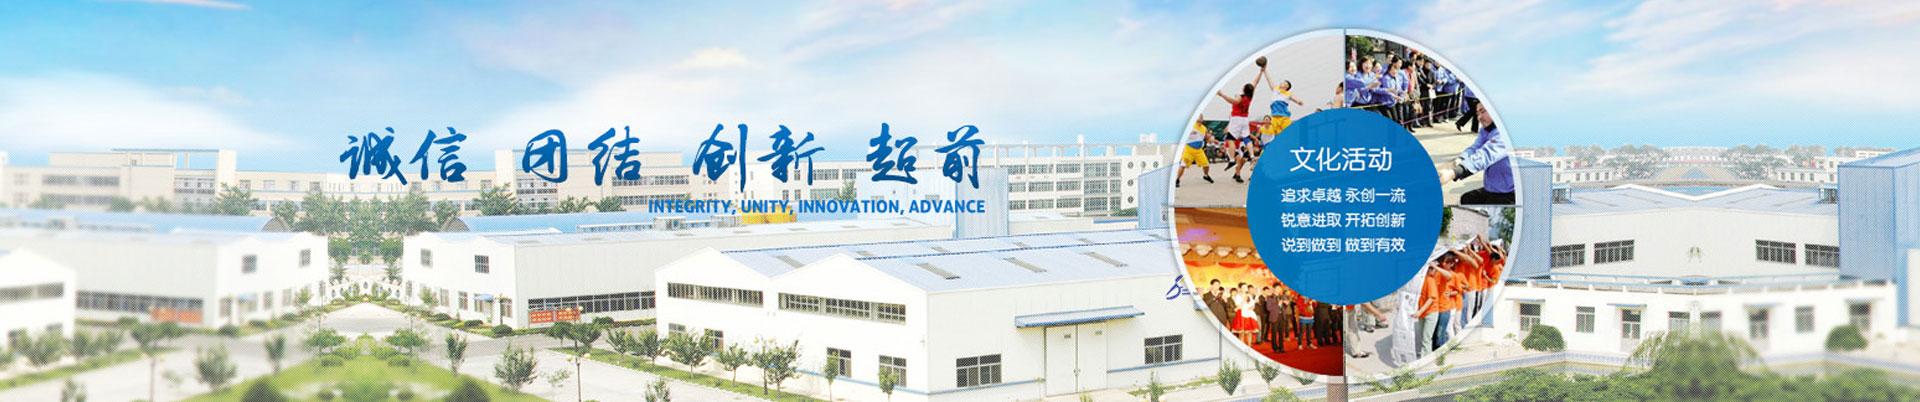 山东深蓝公司产品有缠绕包装机、自动化包装流水线、捆扎机、智能包装设备和输送设备